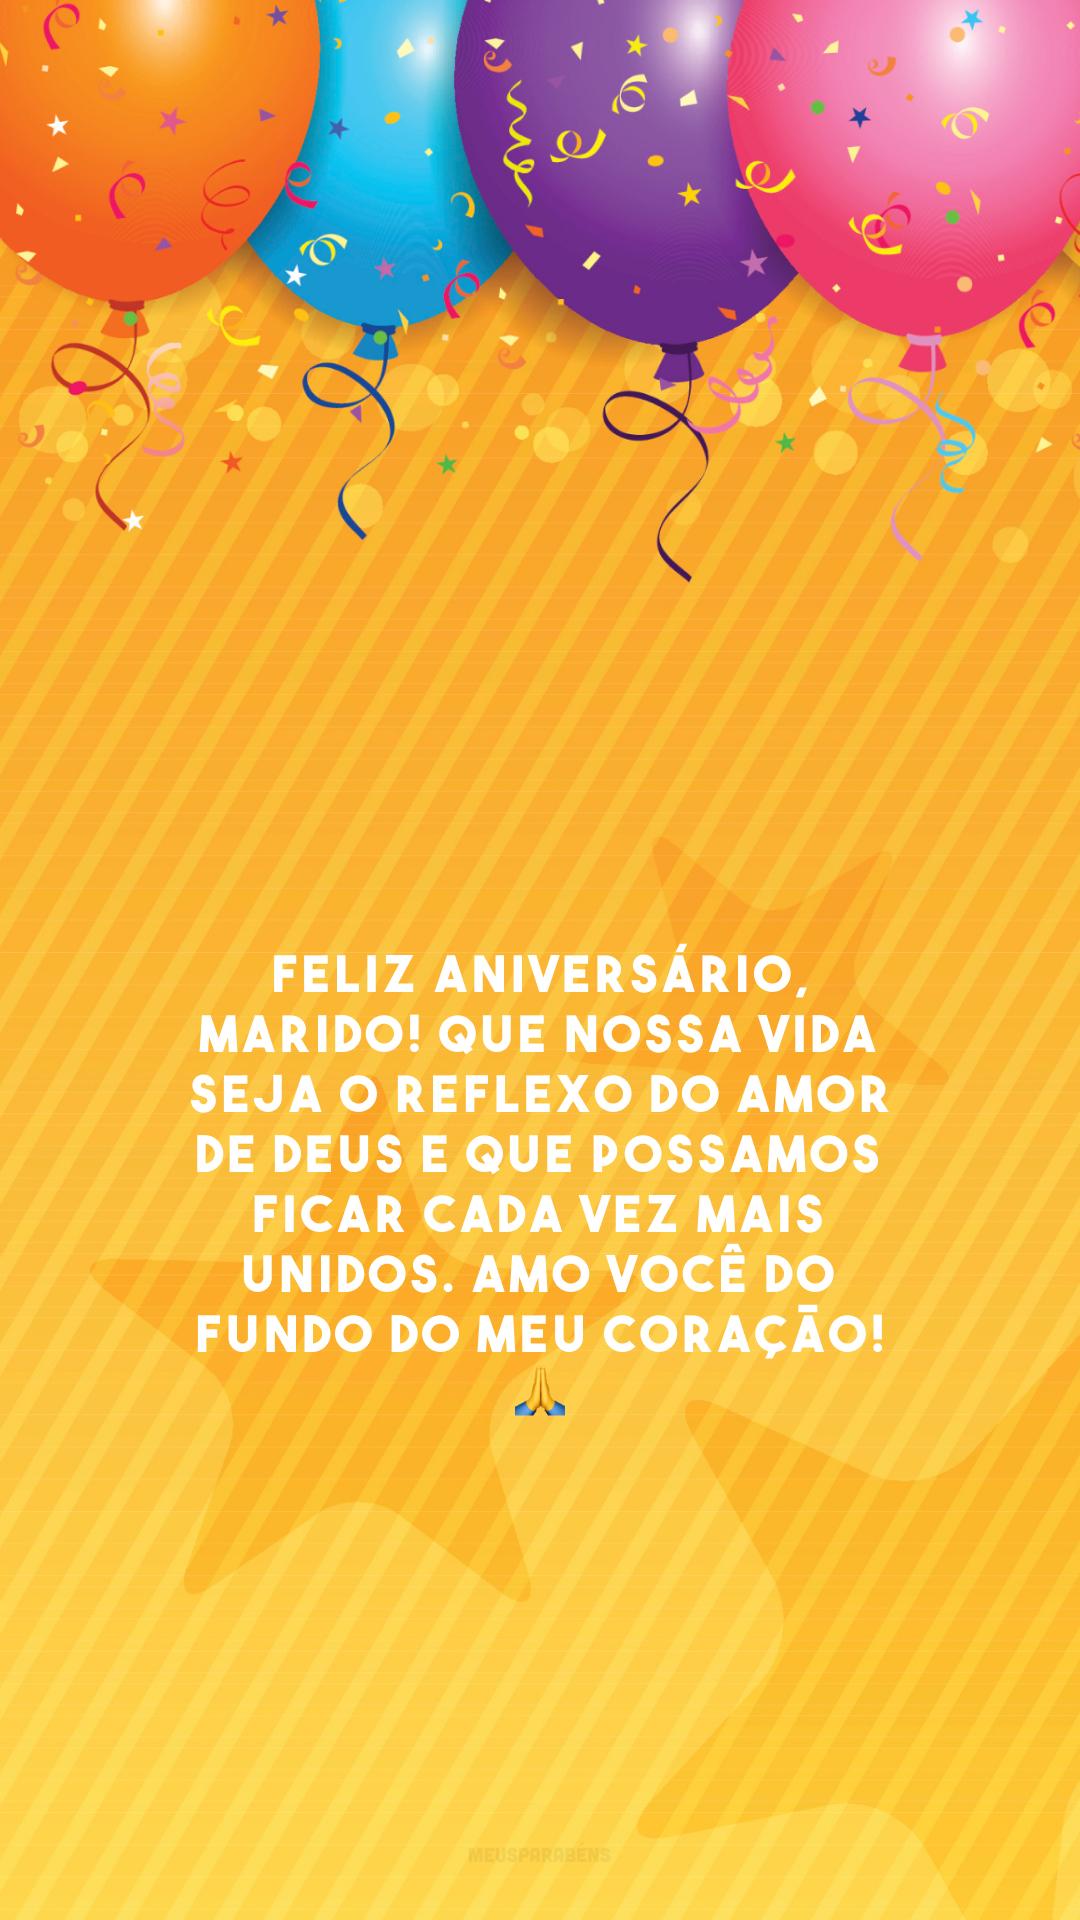 Feliz aniversário, marido! Que nossa vida seja o reflexo do amor de Deus e que possamos ficar cada vez mais unidos. Amo você do fundo do meu coração! 🙏